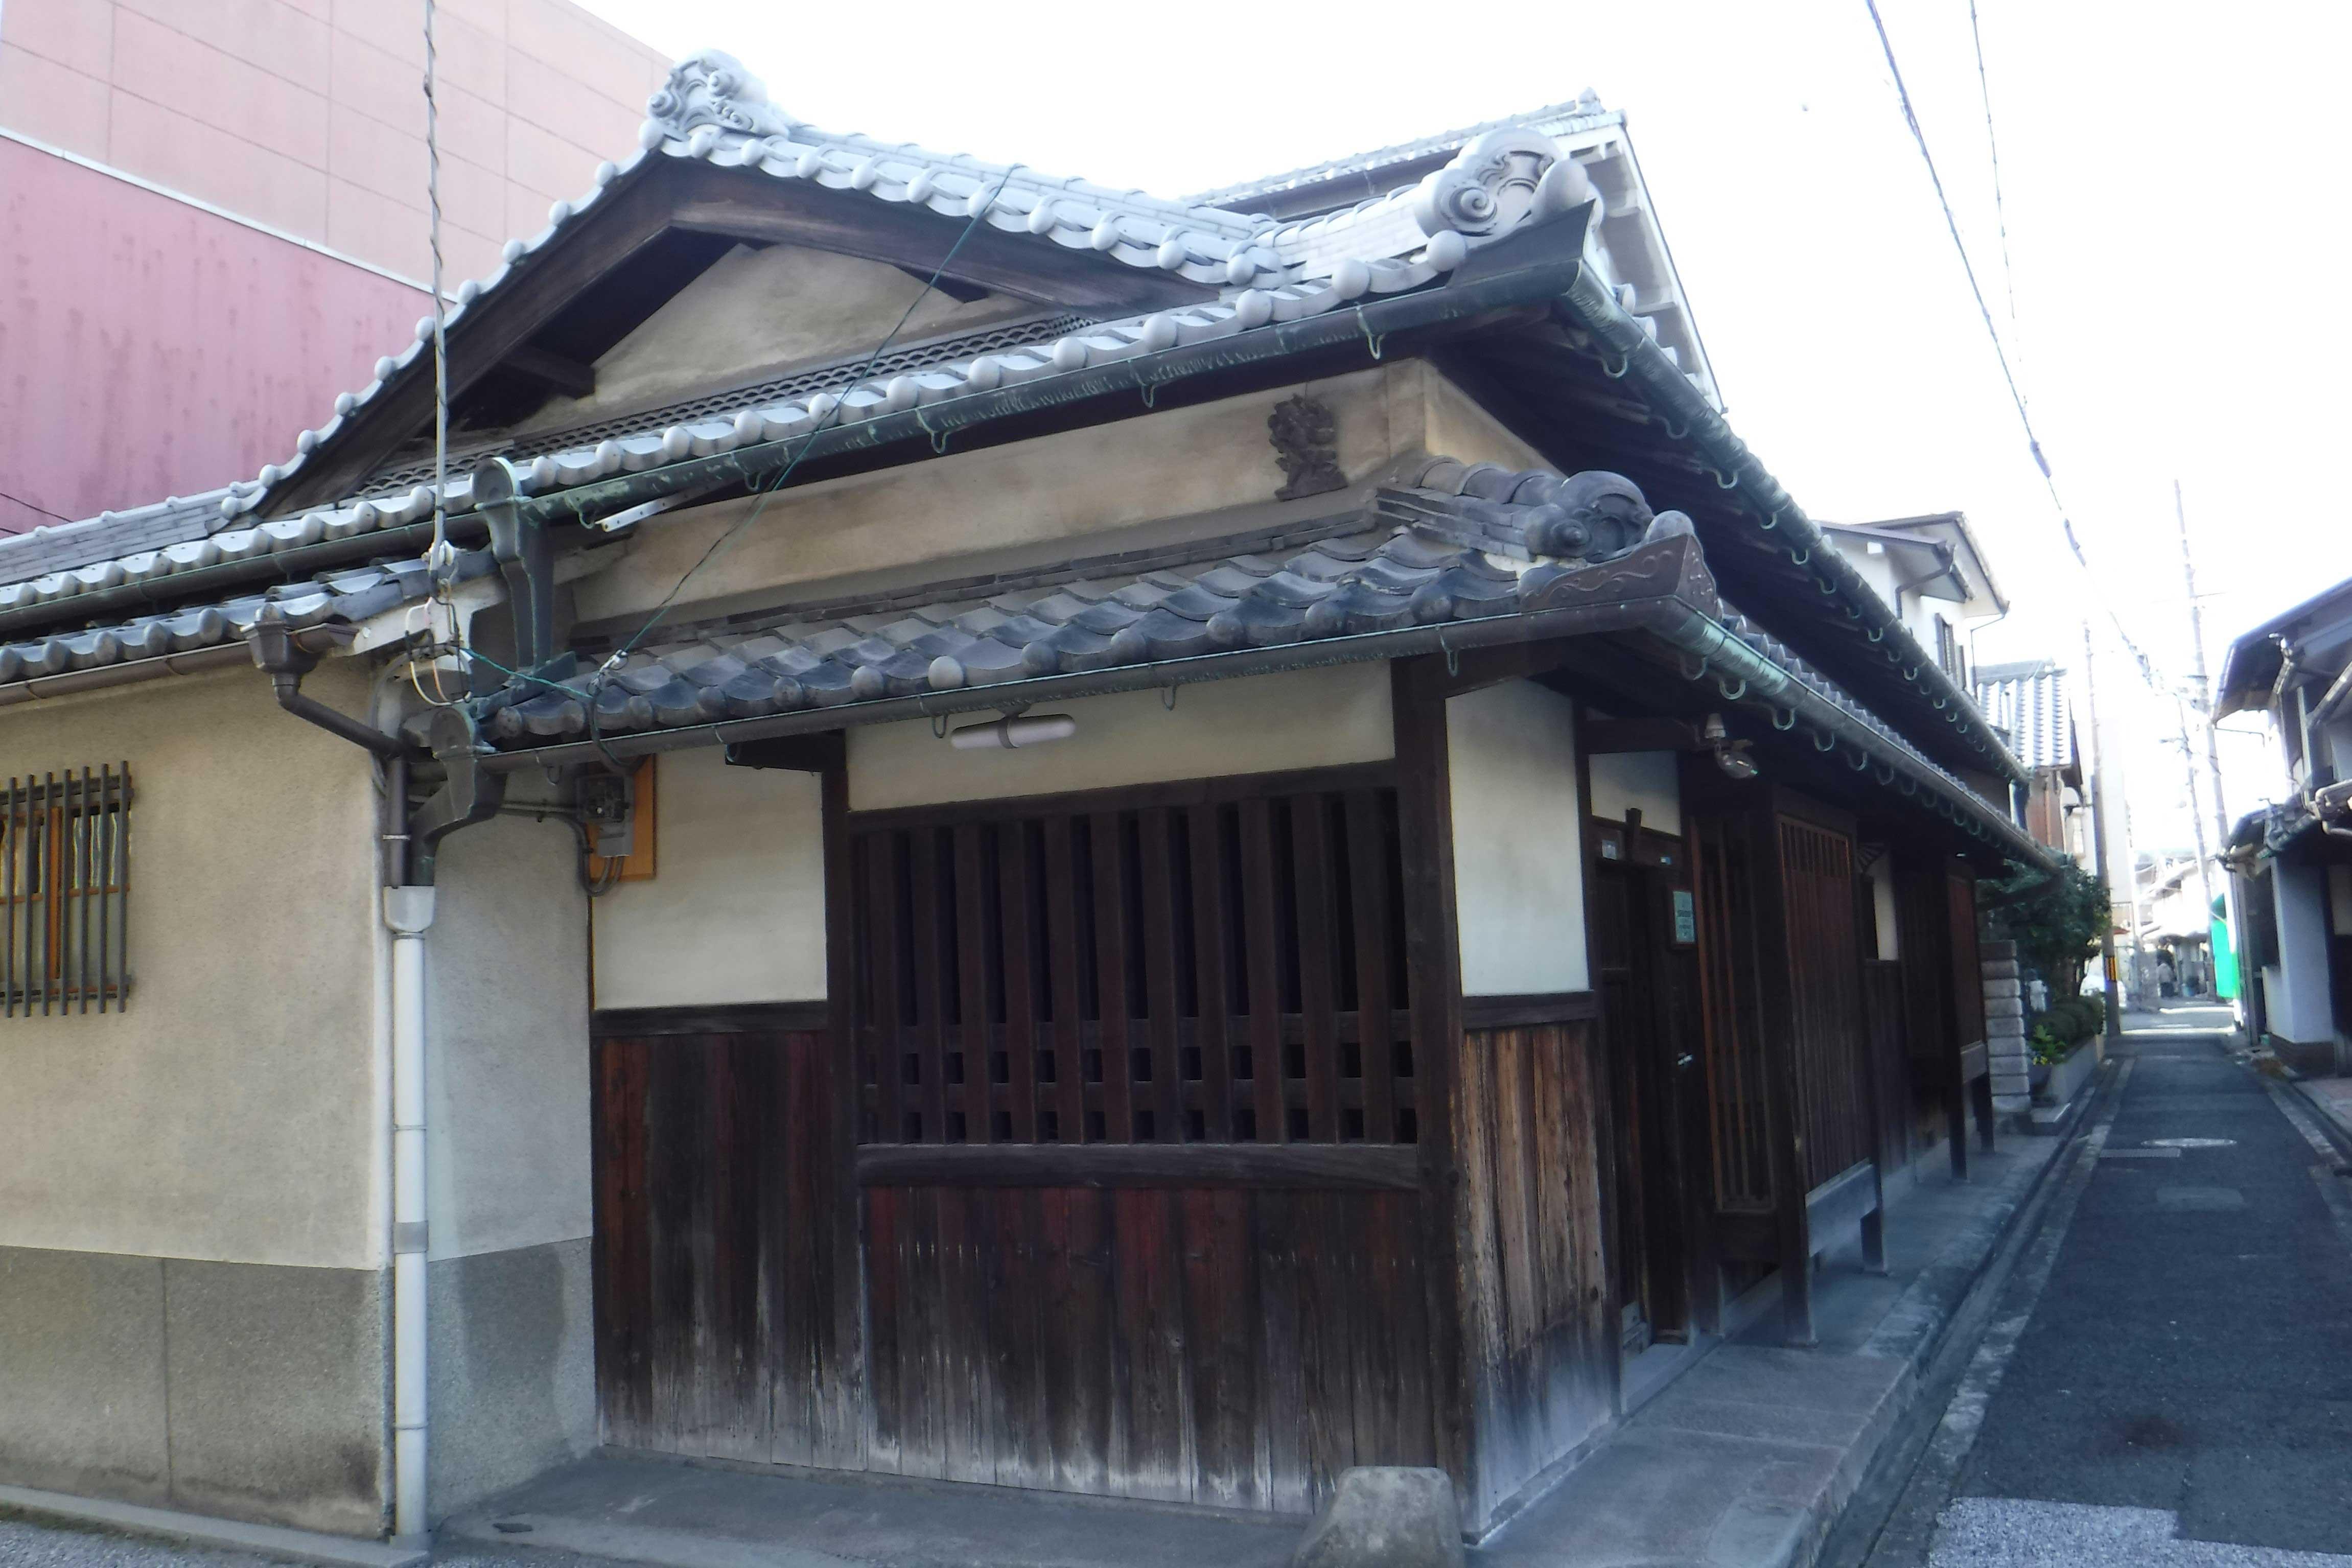 <p>外観東側面</p>木太い無双窓から願泉寺役所を望見できるつくりとなっている。